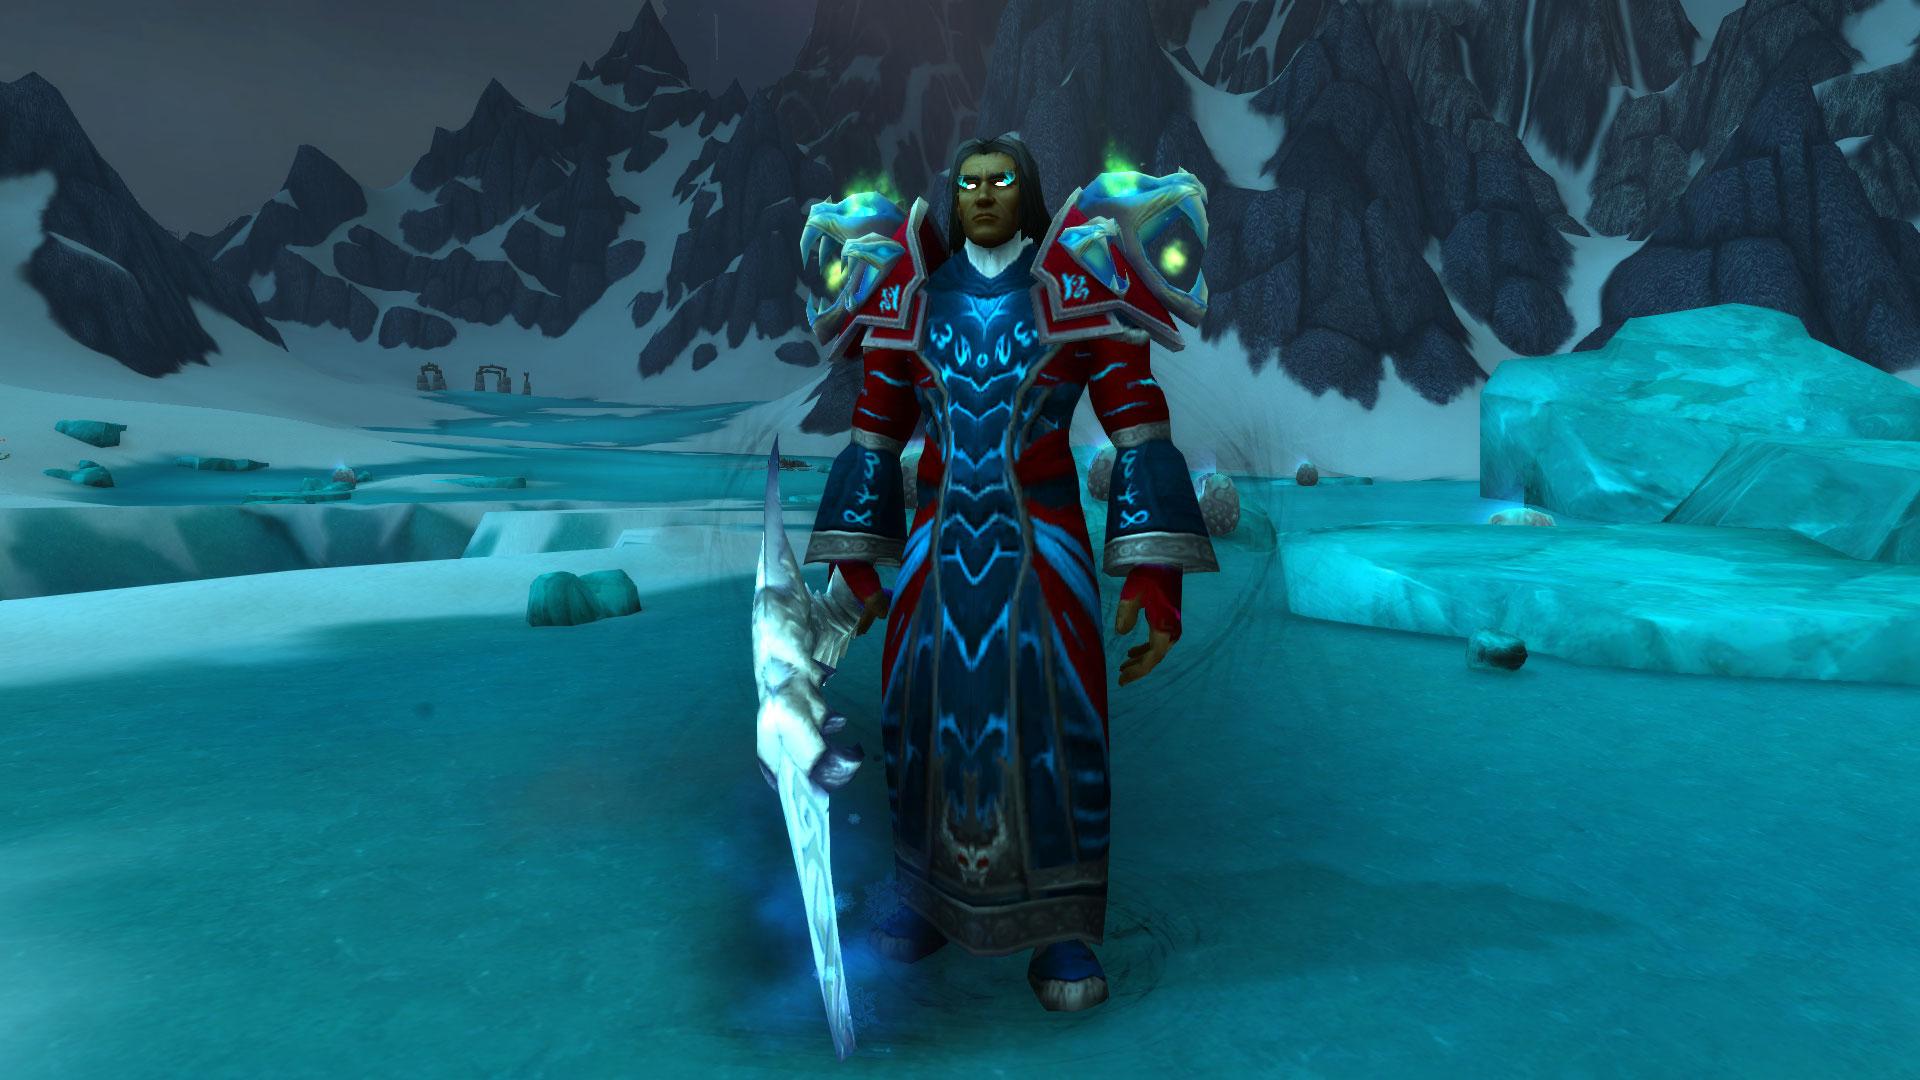 Bronjahm, habituellement trouvé à La Forge des Âmes, apparaît dans la Couronne de glace pendant le prepatch 9.0